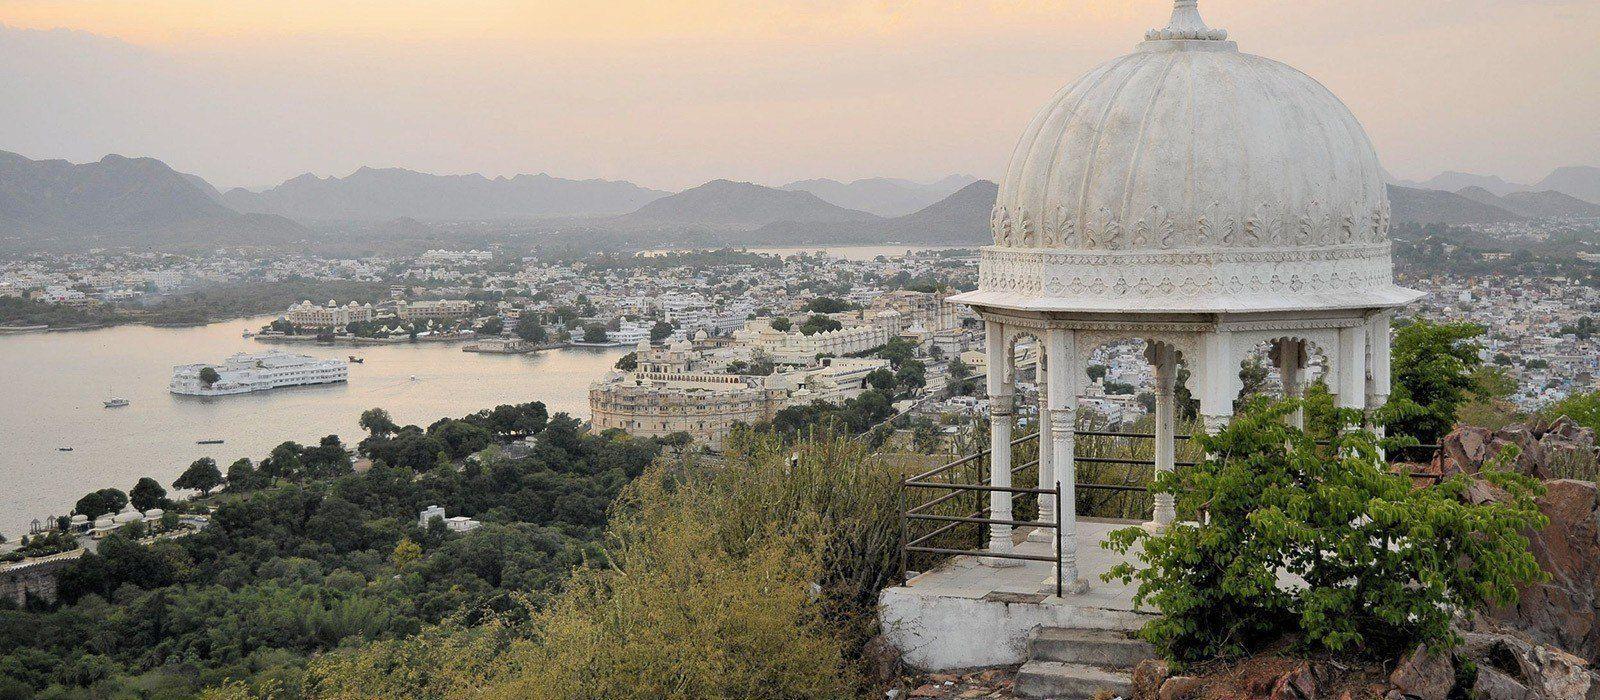 Rundreise: Prächtiges Rajasthan & entspanntes Kerala Urlaub 4